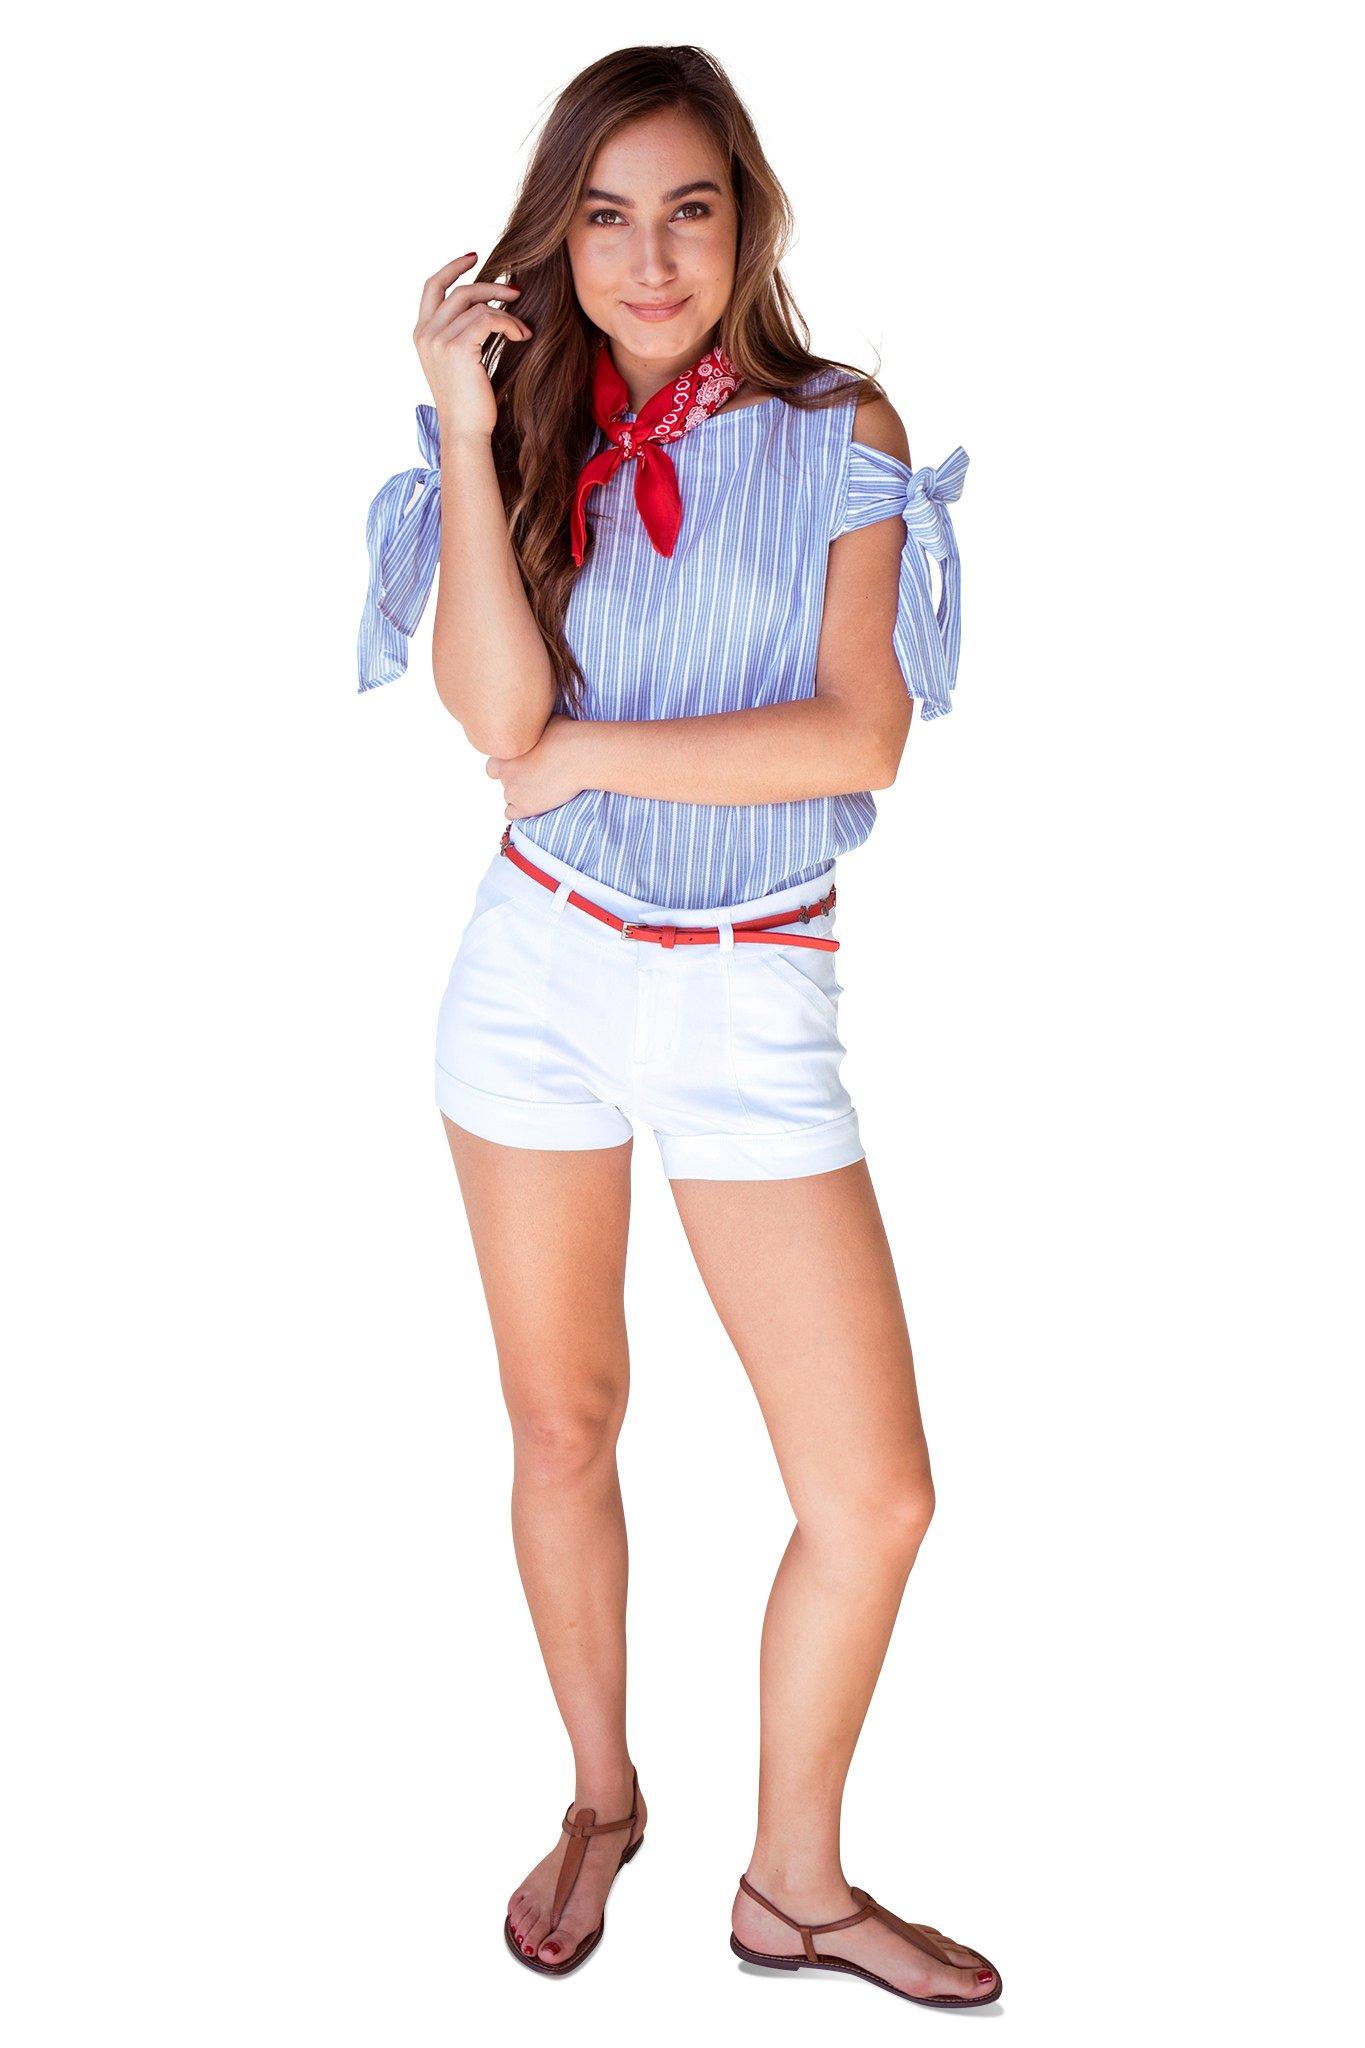 Bebop Juniors White/Red Size 13 Stretch 4 Pocket Shorts Removable Belt